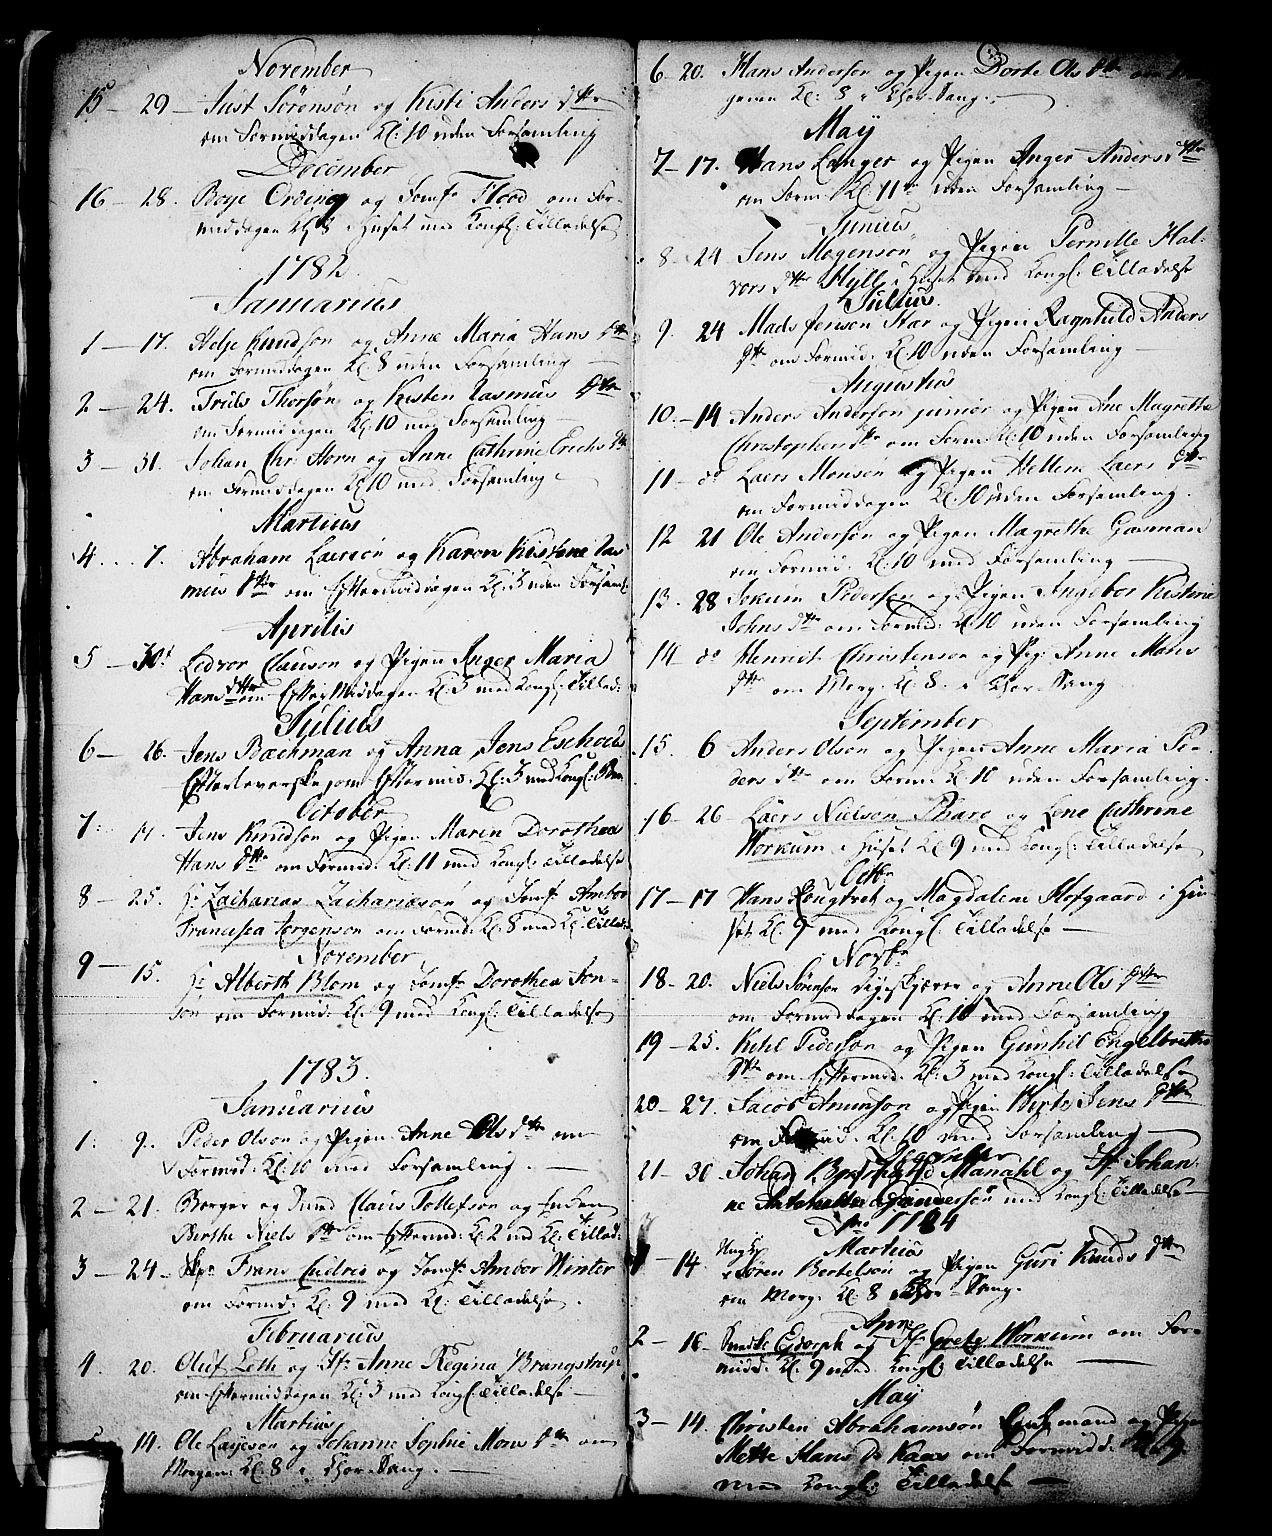 SAKO, Skien kirkebøker, G/Ga/L0001: Klokkerbok nr. 1, 1756-1791, s. 40